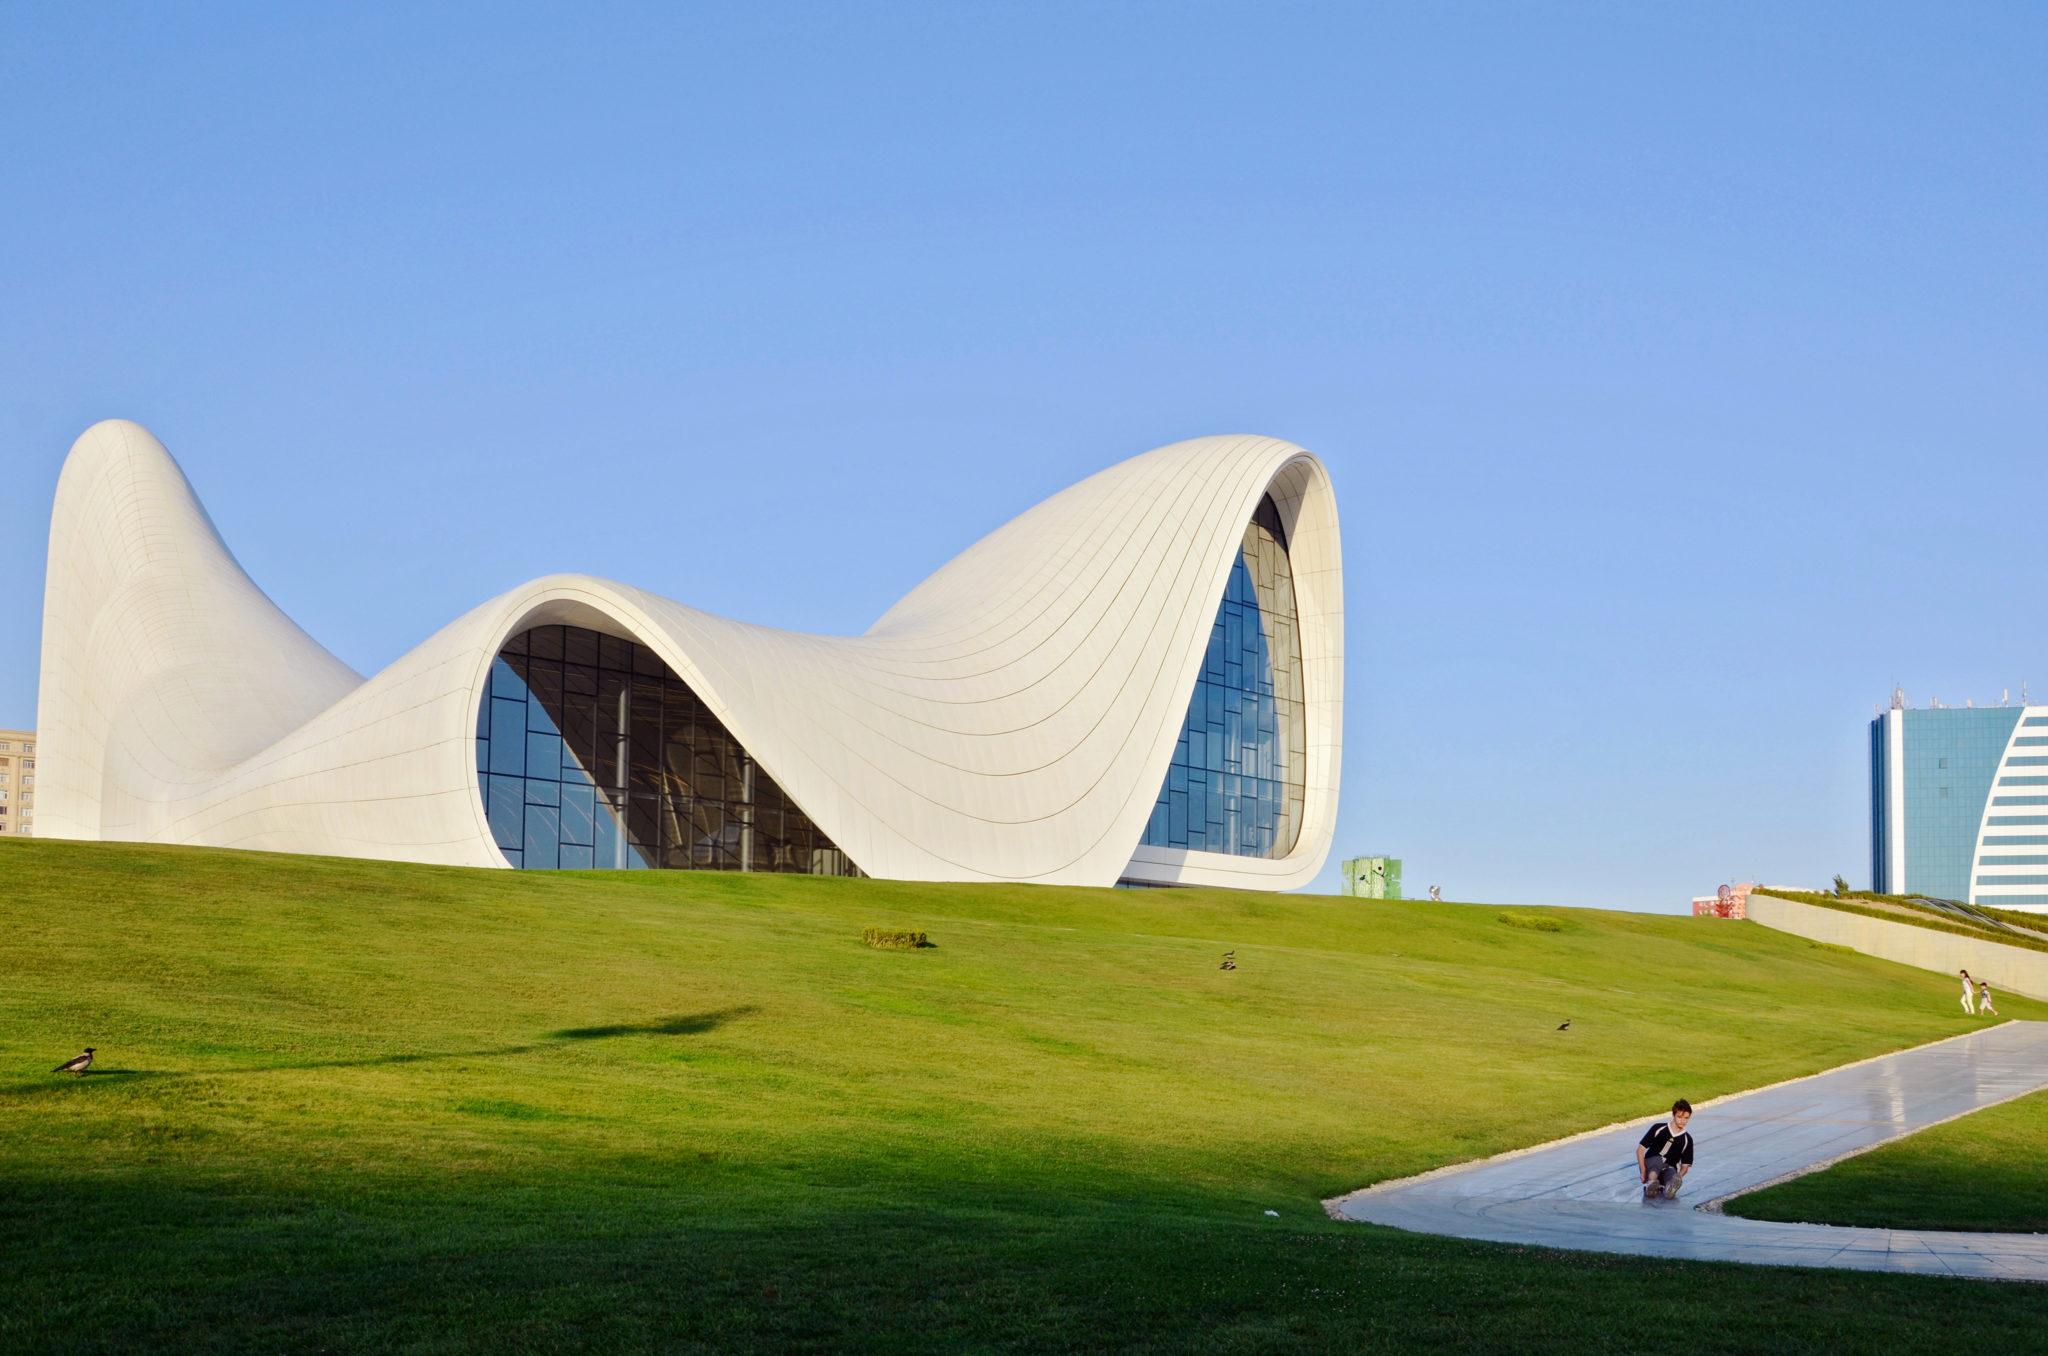 Visit-Azerbaijan-Heydar-Aliyev-Center-Zaha-Hadid